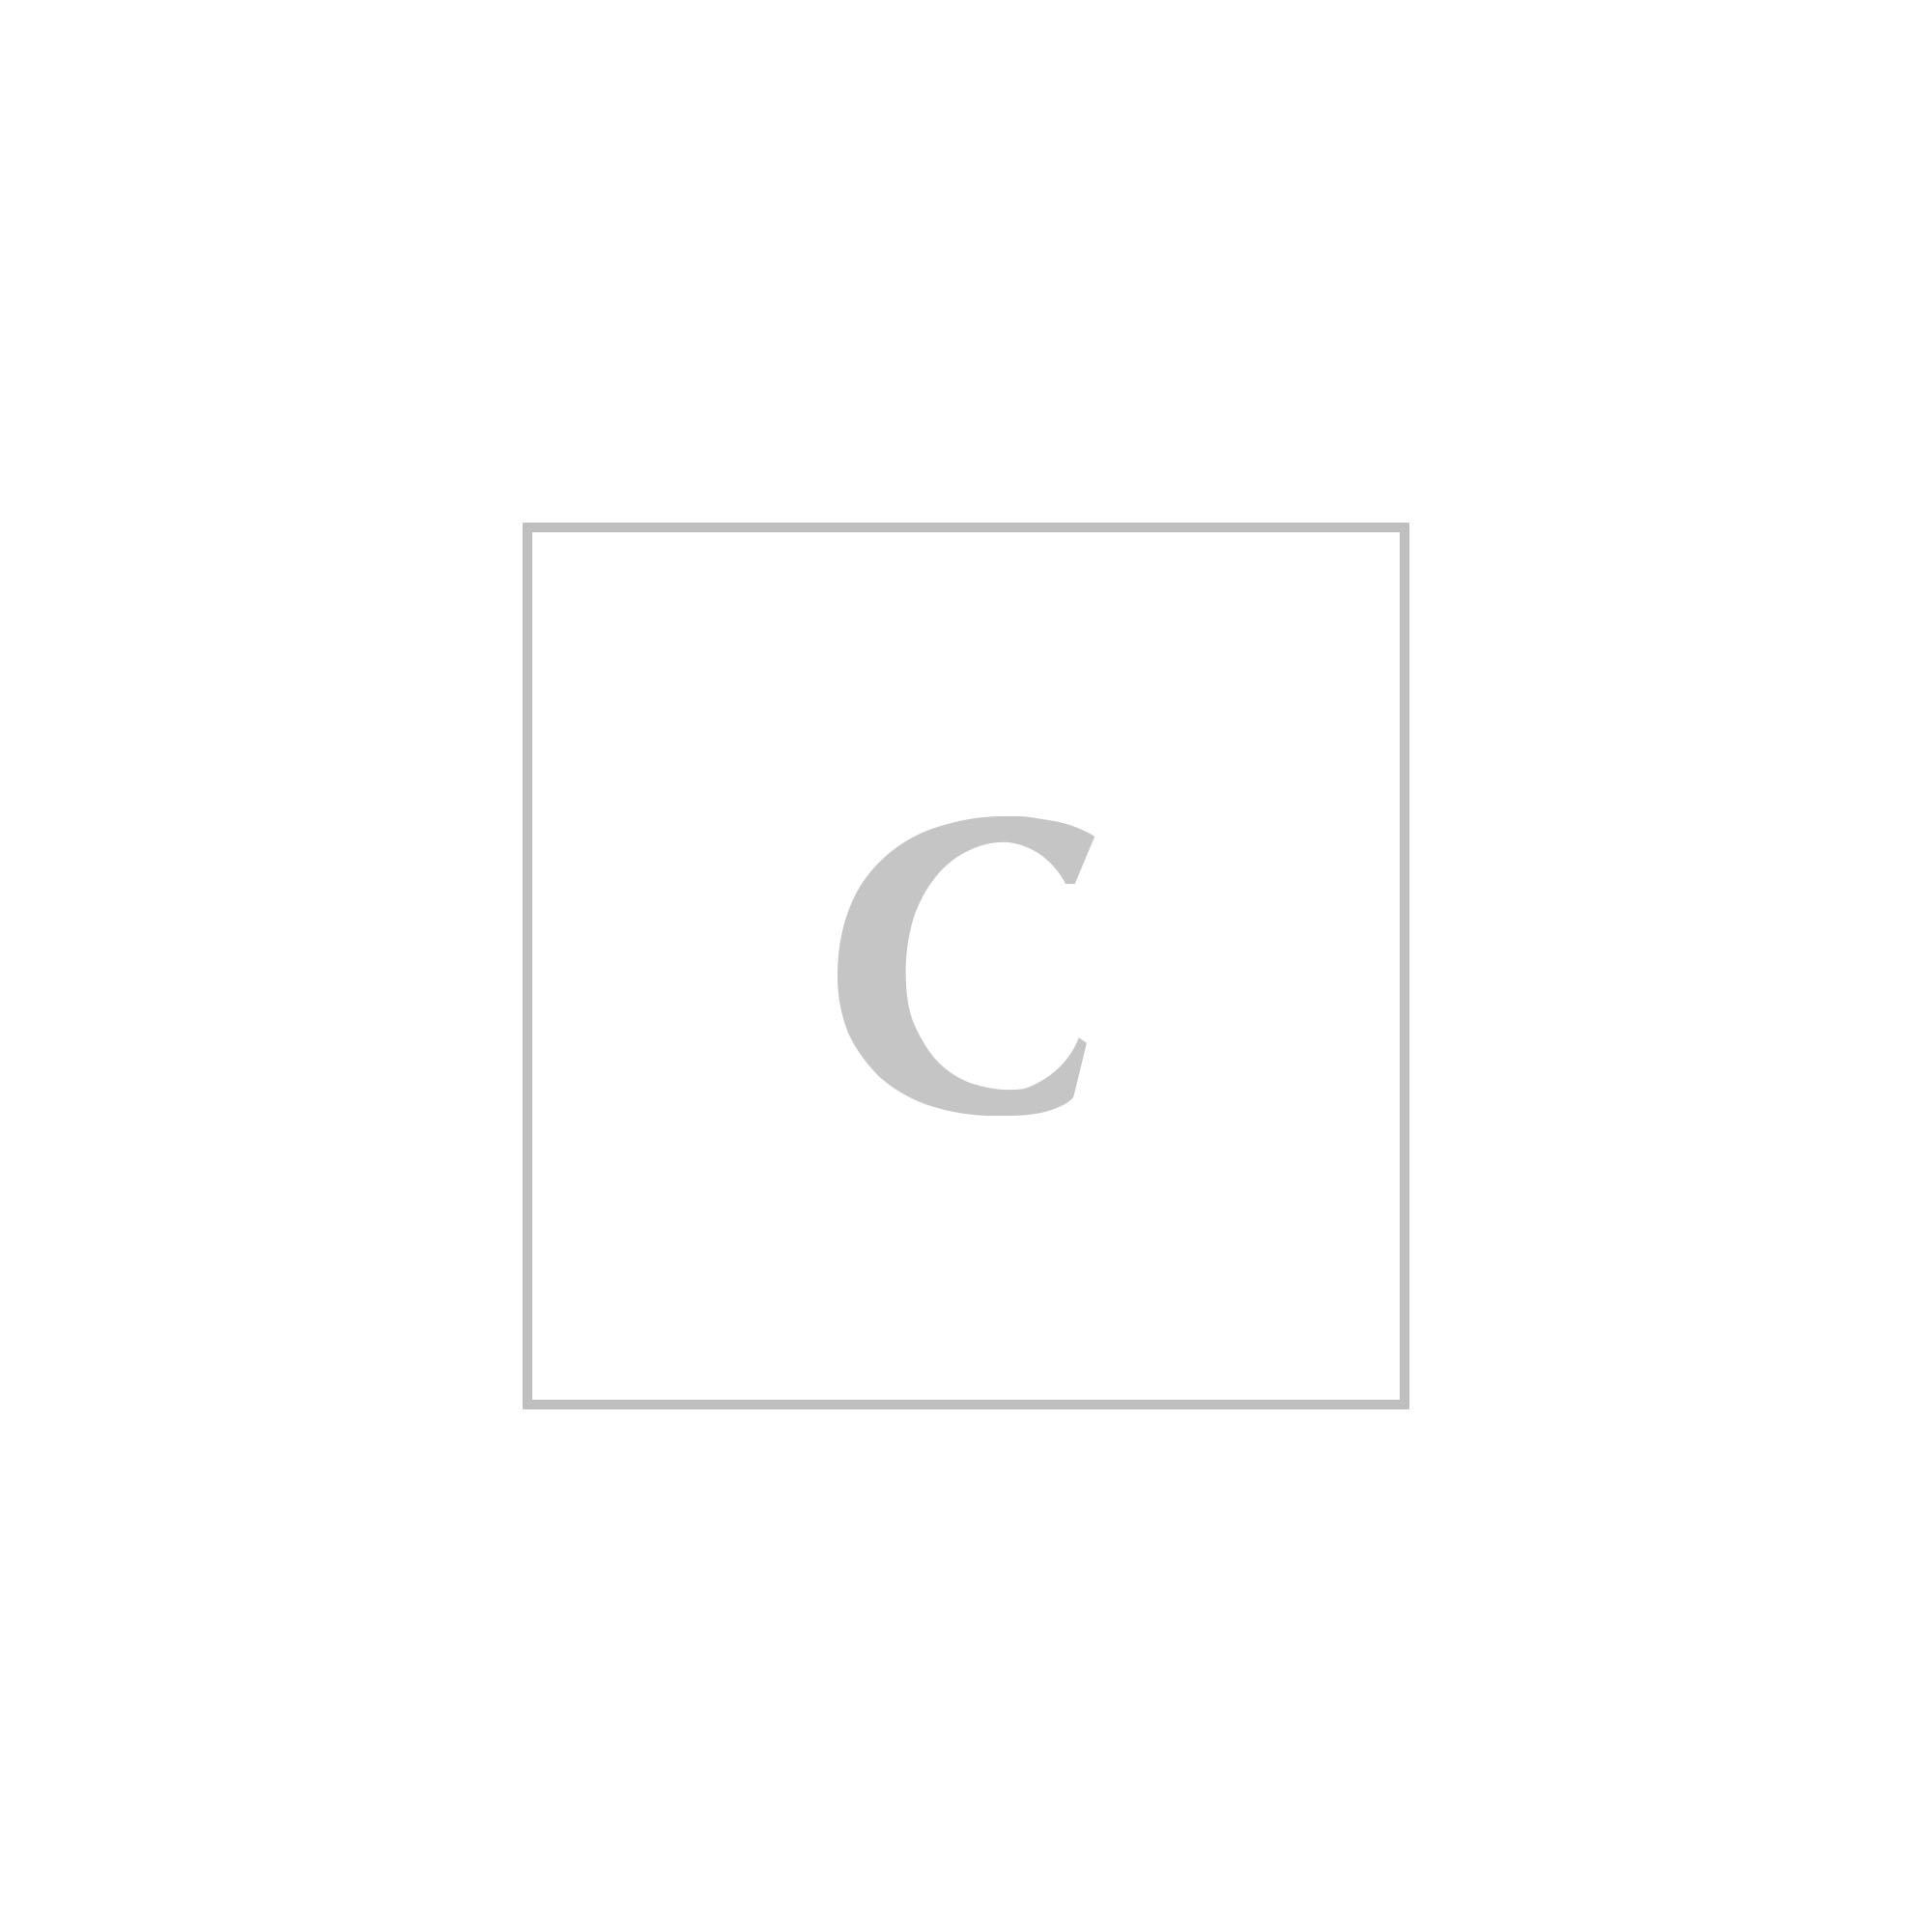 chloe' abbigliamento donna camicia gorgera